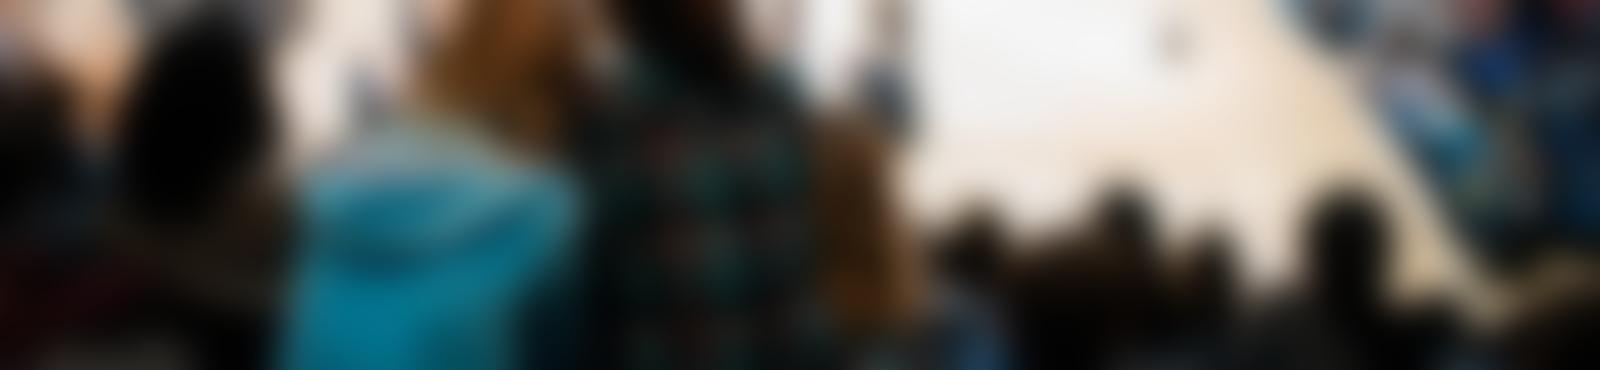 Blurred 28517bf5 e9d3 42f0 a55b 8c09c7001cbb